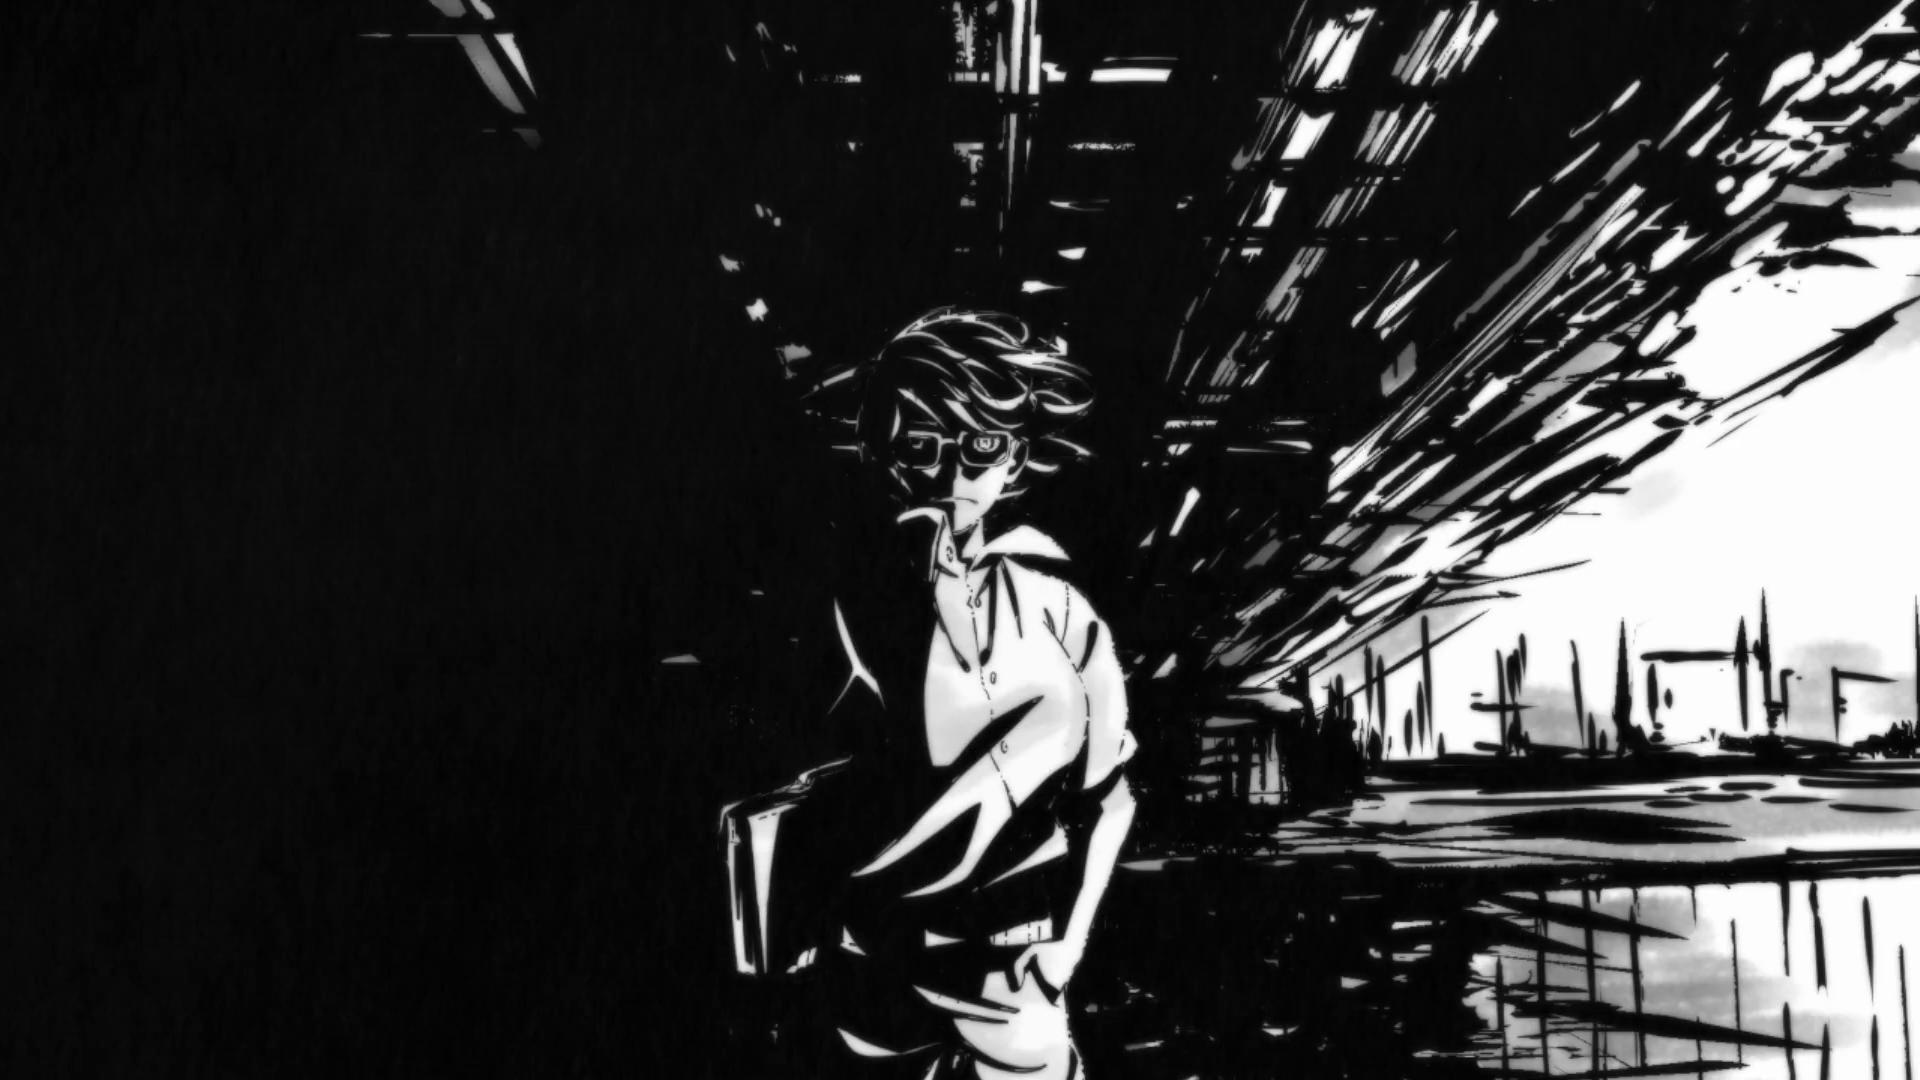 Connaissez-vous ce manga? - Page 5 Xmbg5u4